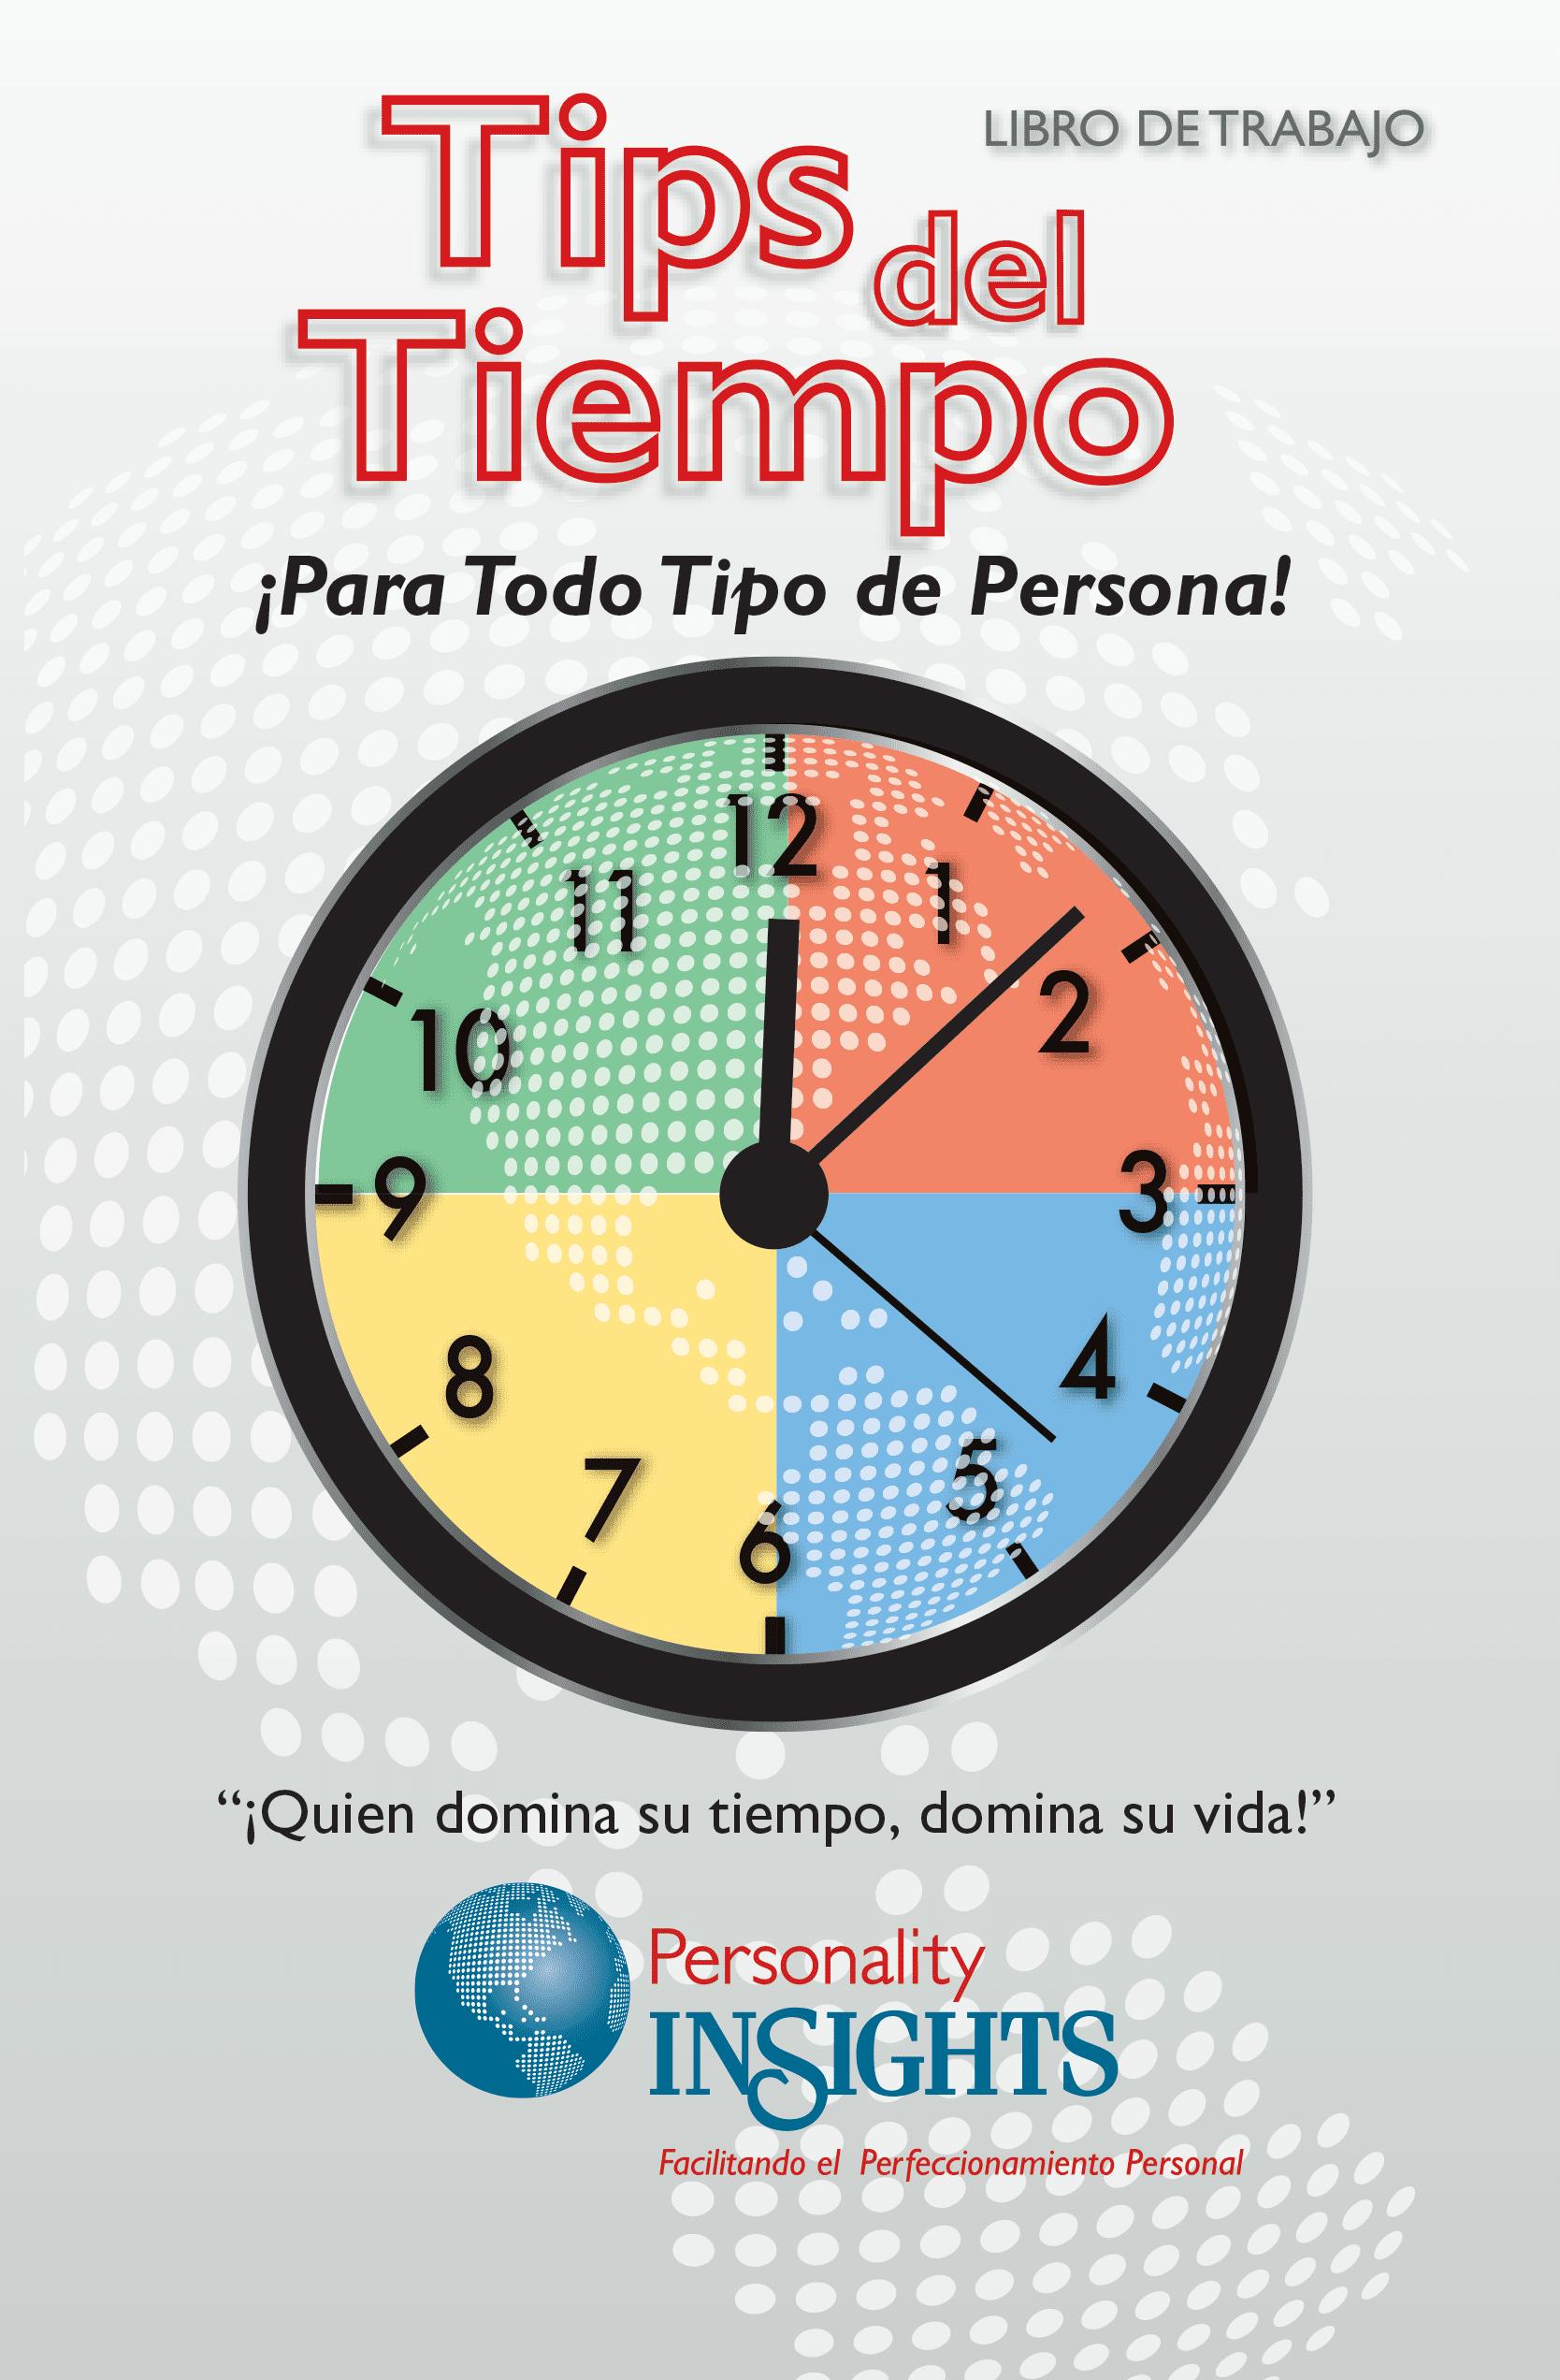 Tips Del Tiempocover 2006